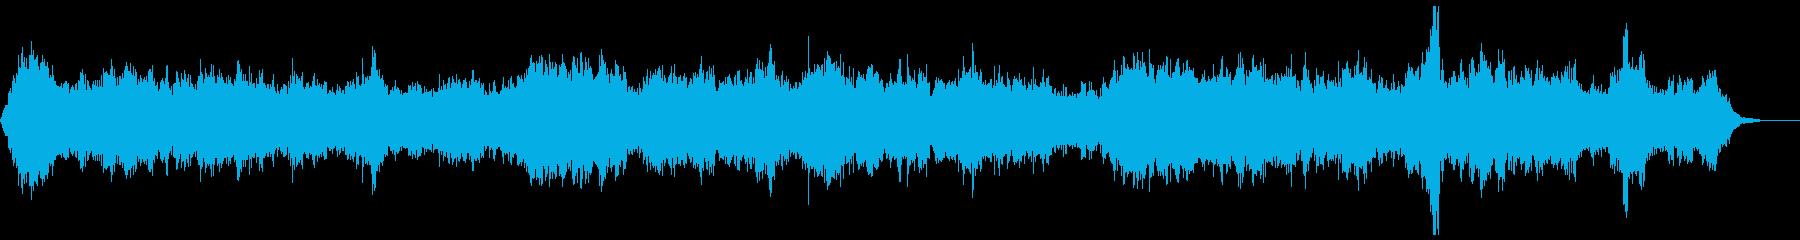 ゾンビ(グループ)うめき声2の再生済みの波形